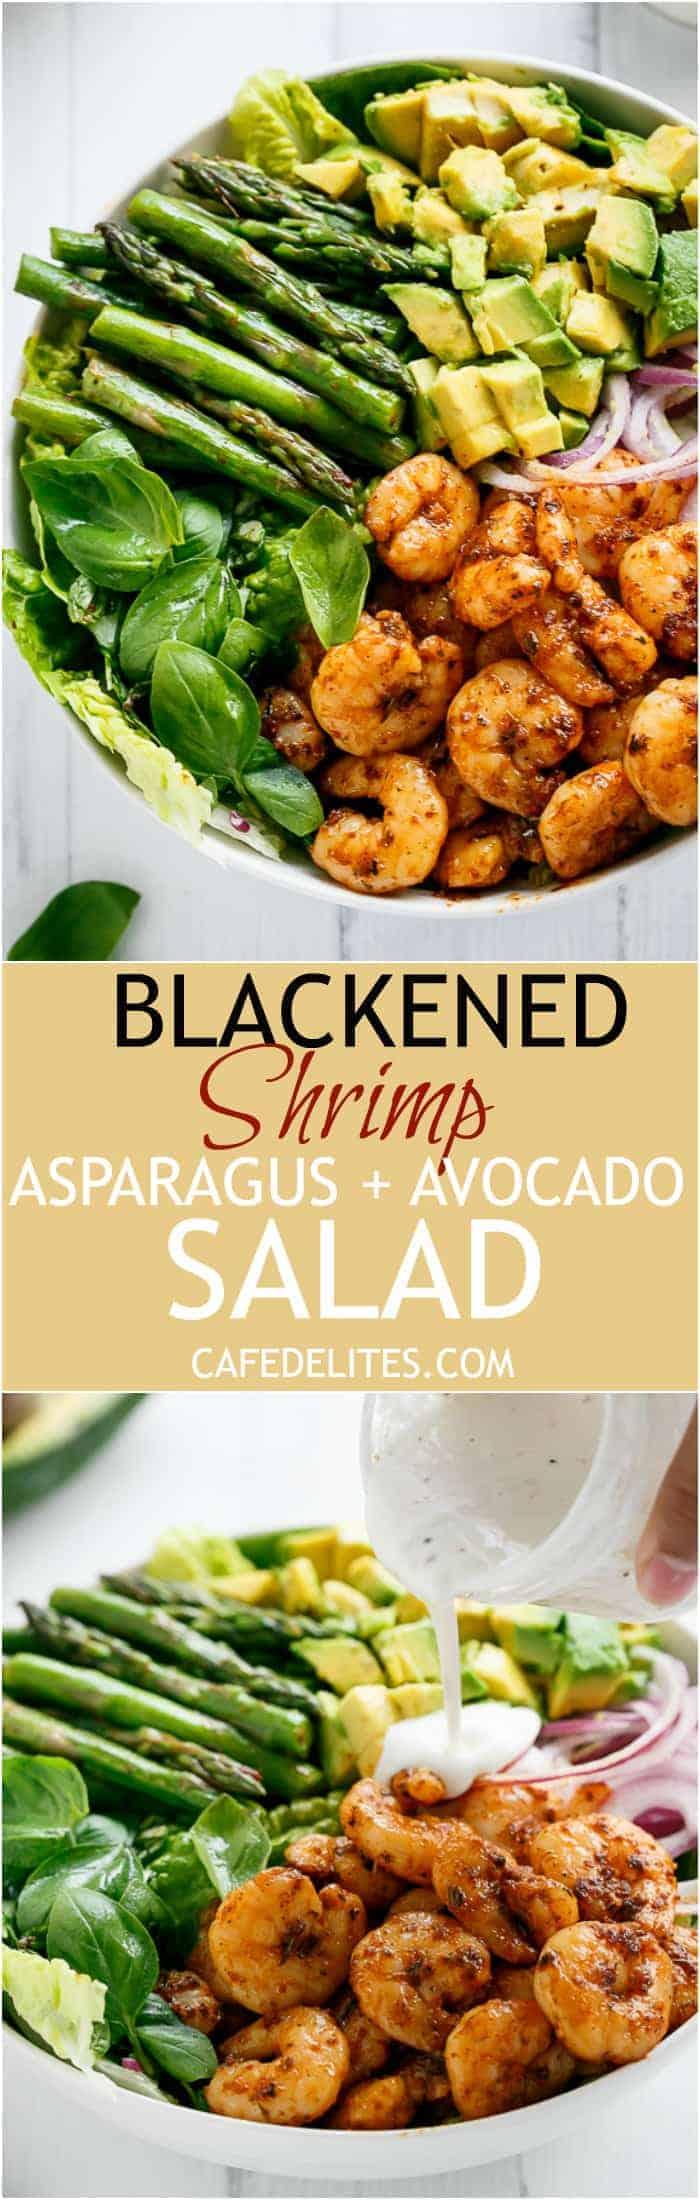 Blackened Shrimp, Asparagus and Avocado Salad - Cafe Delites